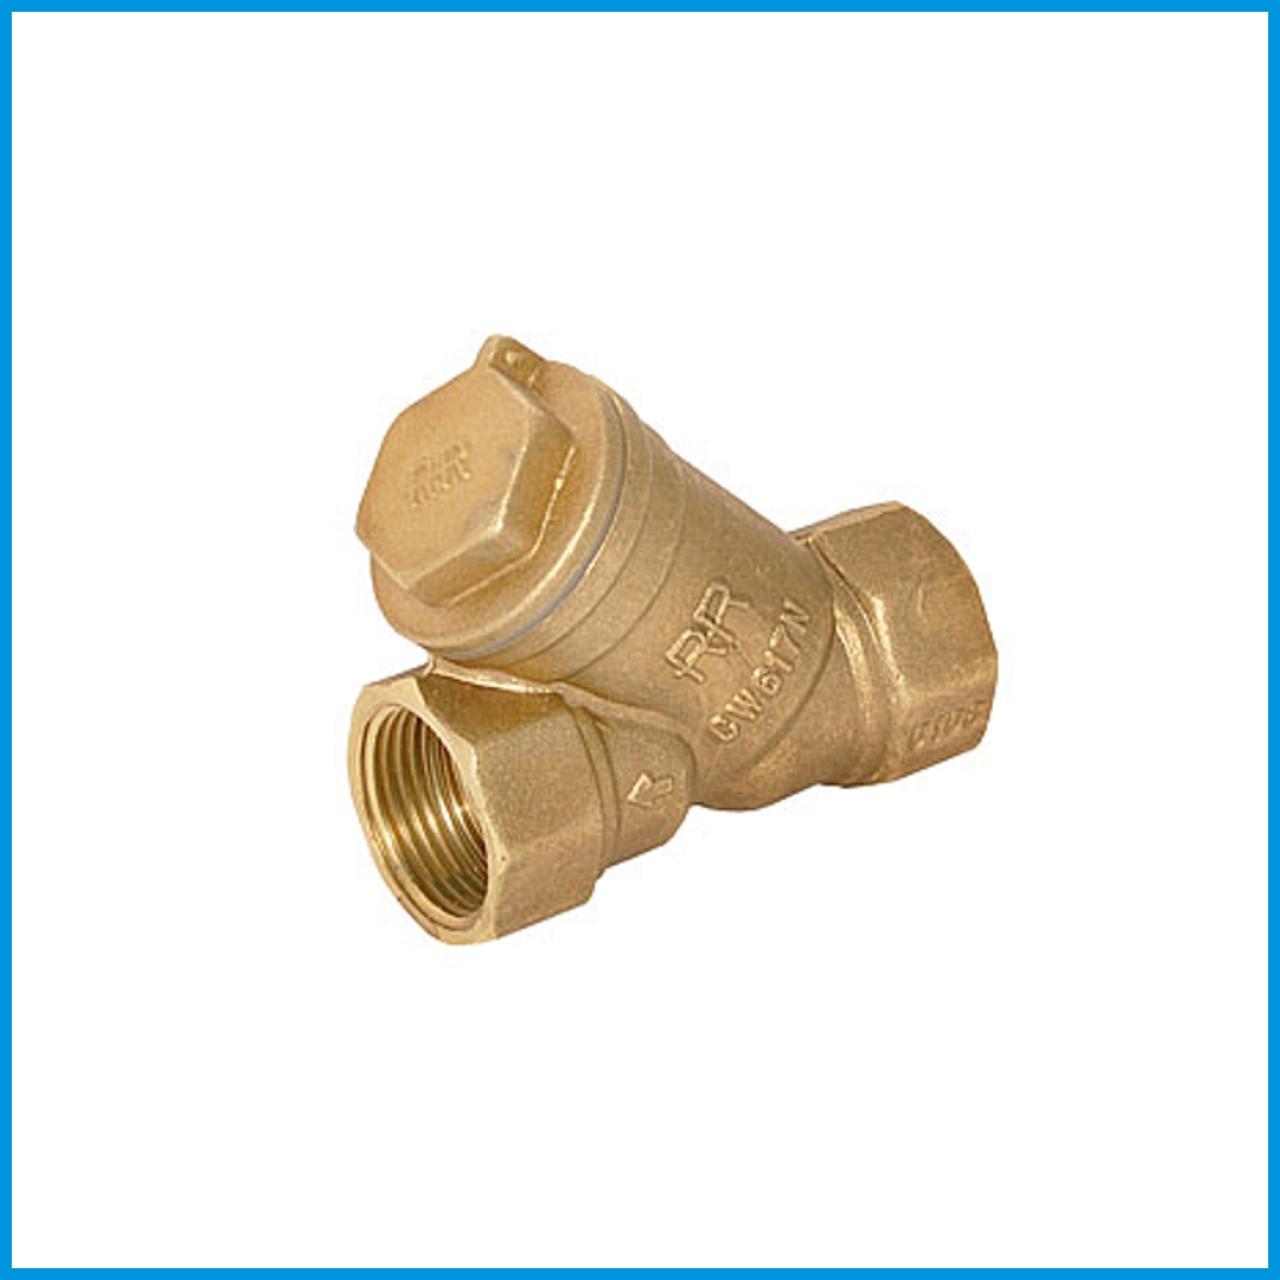 Фильтр латунный муфтовый для воды Ду 15